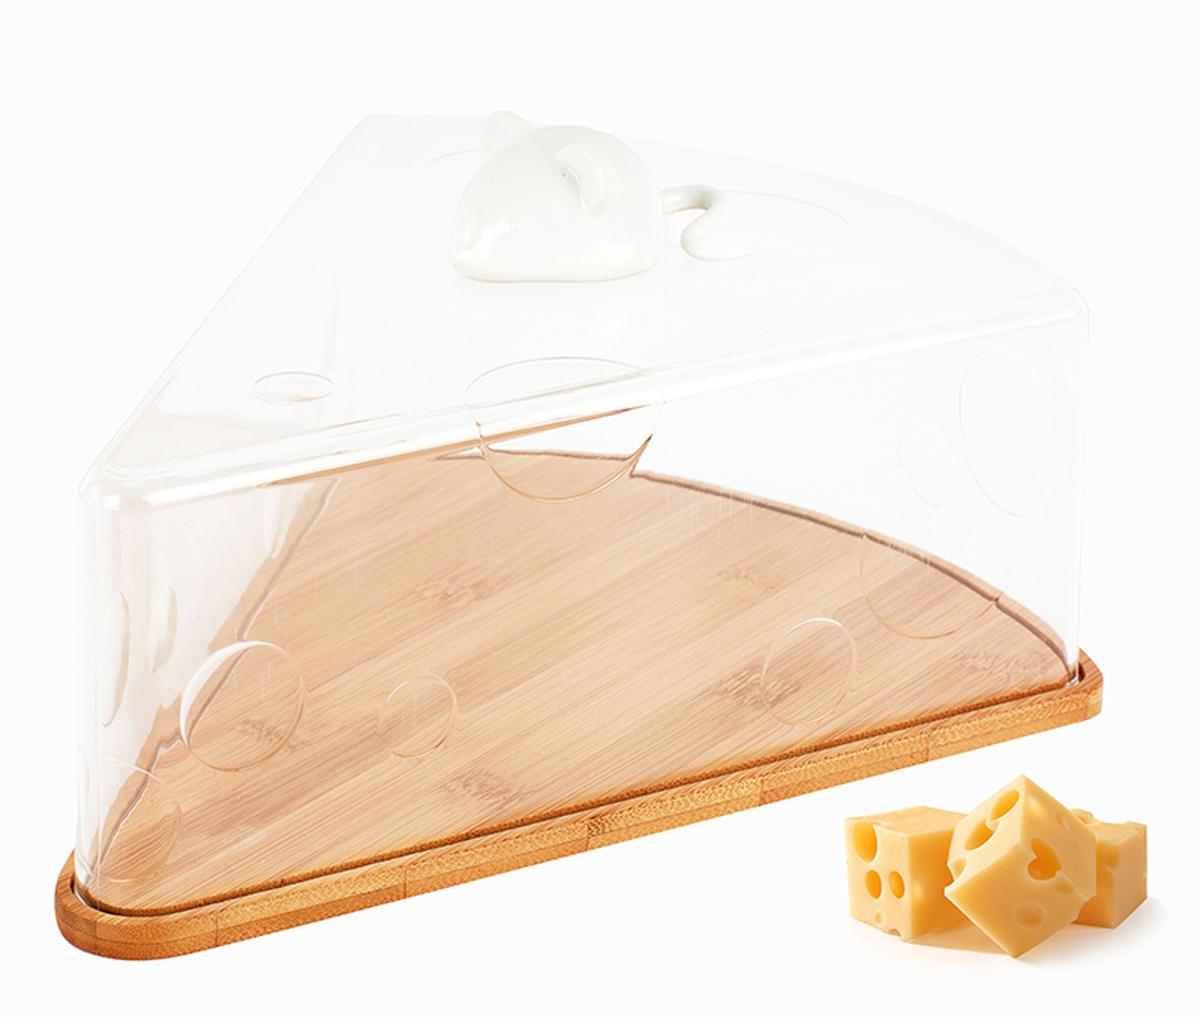 Сырница Balvi I Love Cheese, цвет: прозрачный25379Очень оригинальный и полезный кухонный аксессуар, который не только прекрасно выглядит, но и прекрасно справляется со своей основной задачей. Кусочек свежего сыра будет великолепно смотреться на увесистой подставке из натурального дерева. Сырница имеет крышку в виде треугольного кусочка сыра, изготовленную из акрила. Благодаря натуральной деревянной основе сыр надолго сохранит свои пищевые качества в такой сырнице, а герметичная крышка поможет сохранить аппетитный вид продукта. Подарите сырницу I Love Cheese заботливой хозяйке, которой нравятся функциональные и необычные вещицы. -Уникальный дизайн сырницы в виде большого отрезанного куска сыра-Крышка сырницы изготовлена из прозрачного акрила-Основа сырницы сделана из натурального дерева